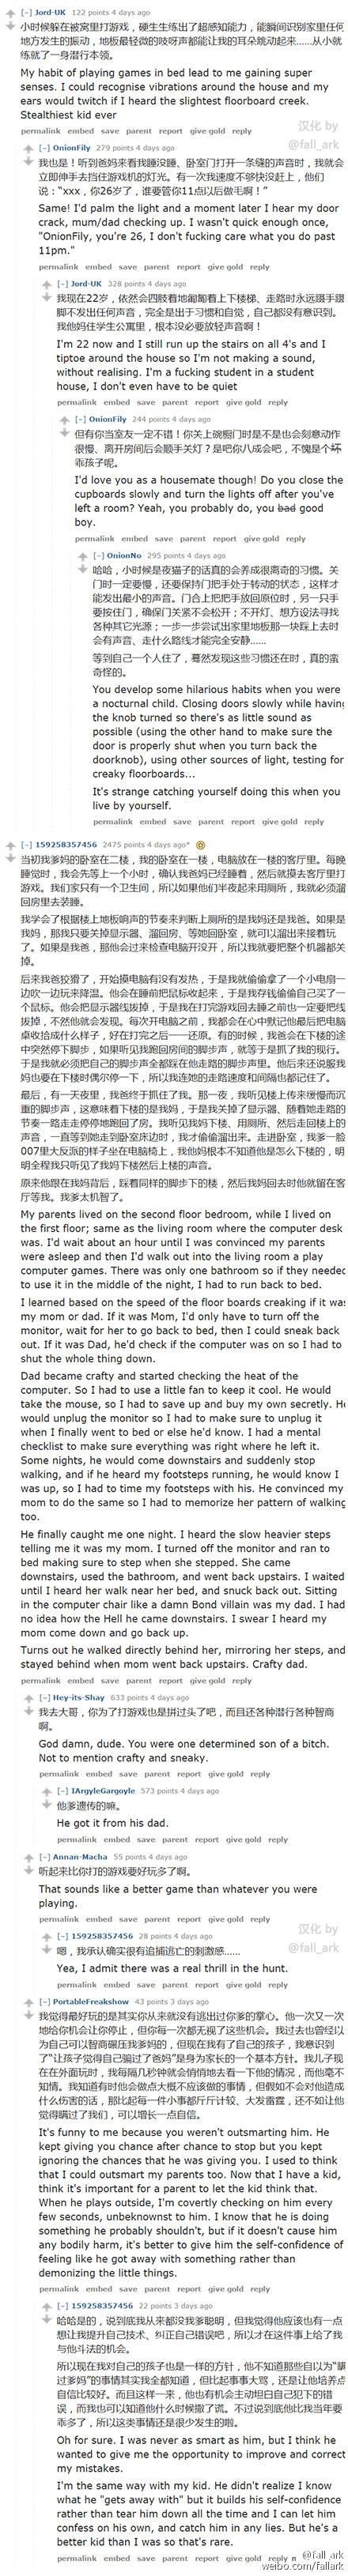 网帖150421:看歪果仁讨论小时候 如何偷玩游戏智斗爹娘